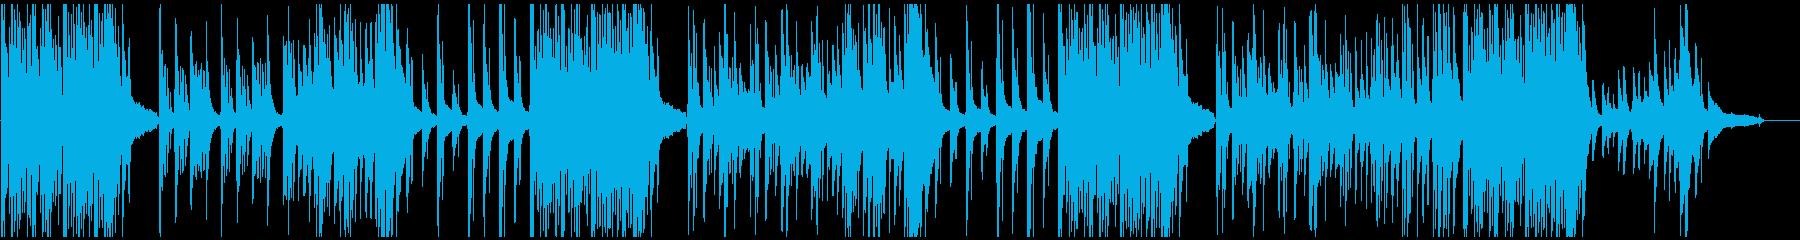 3拍子のピアノソロ曲の再生済みの波形